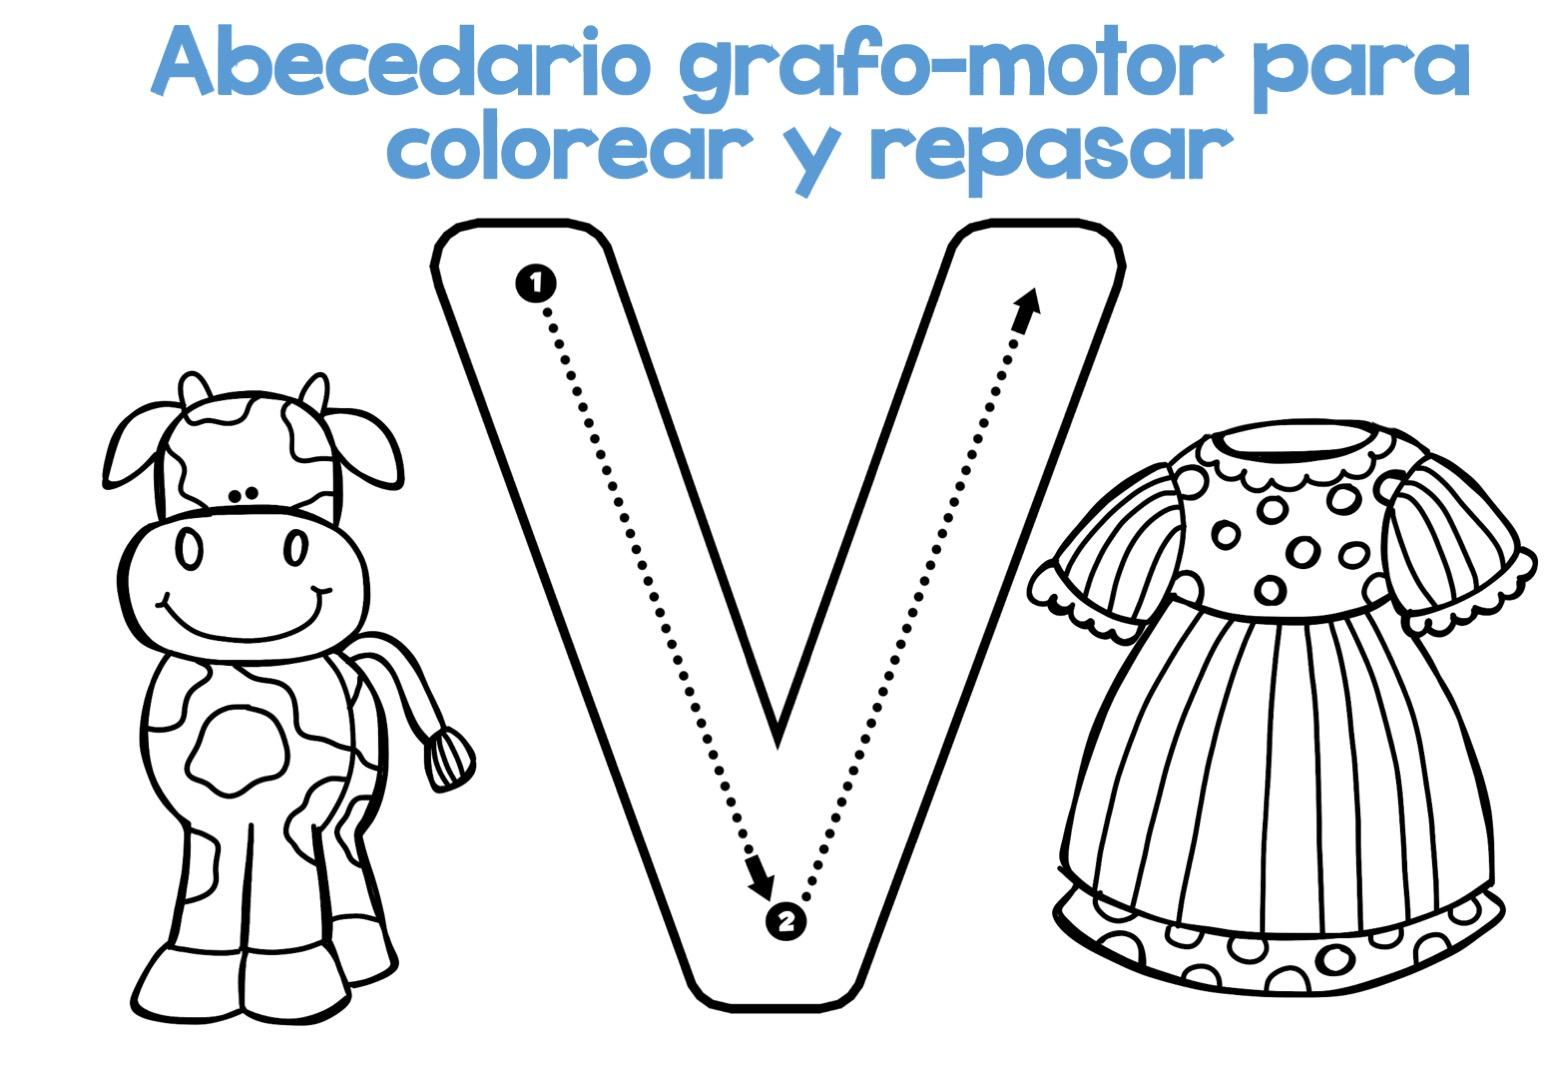 Fichas Del Abecedario Para Colorear Niños De Infantil Y: Completo Abecedario Grafo-motor Para Colorear Y Repasar23